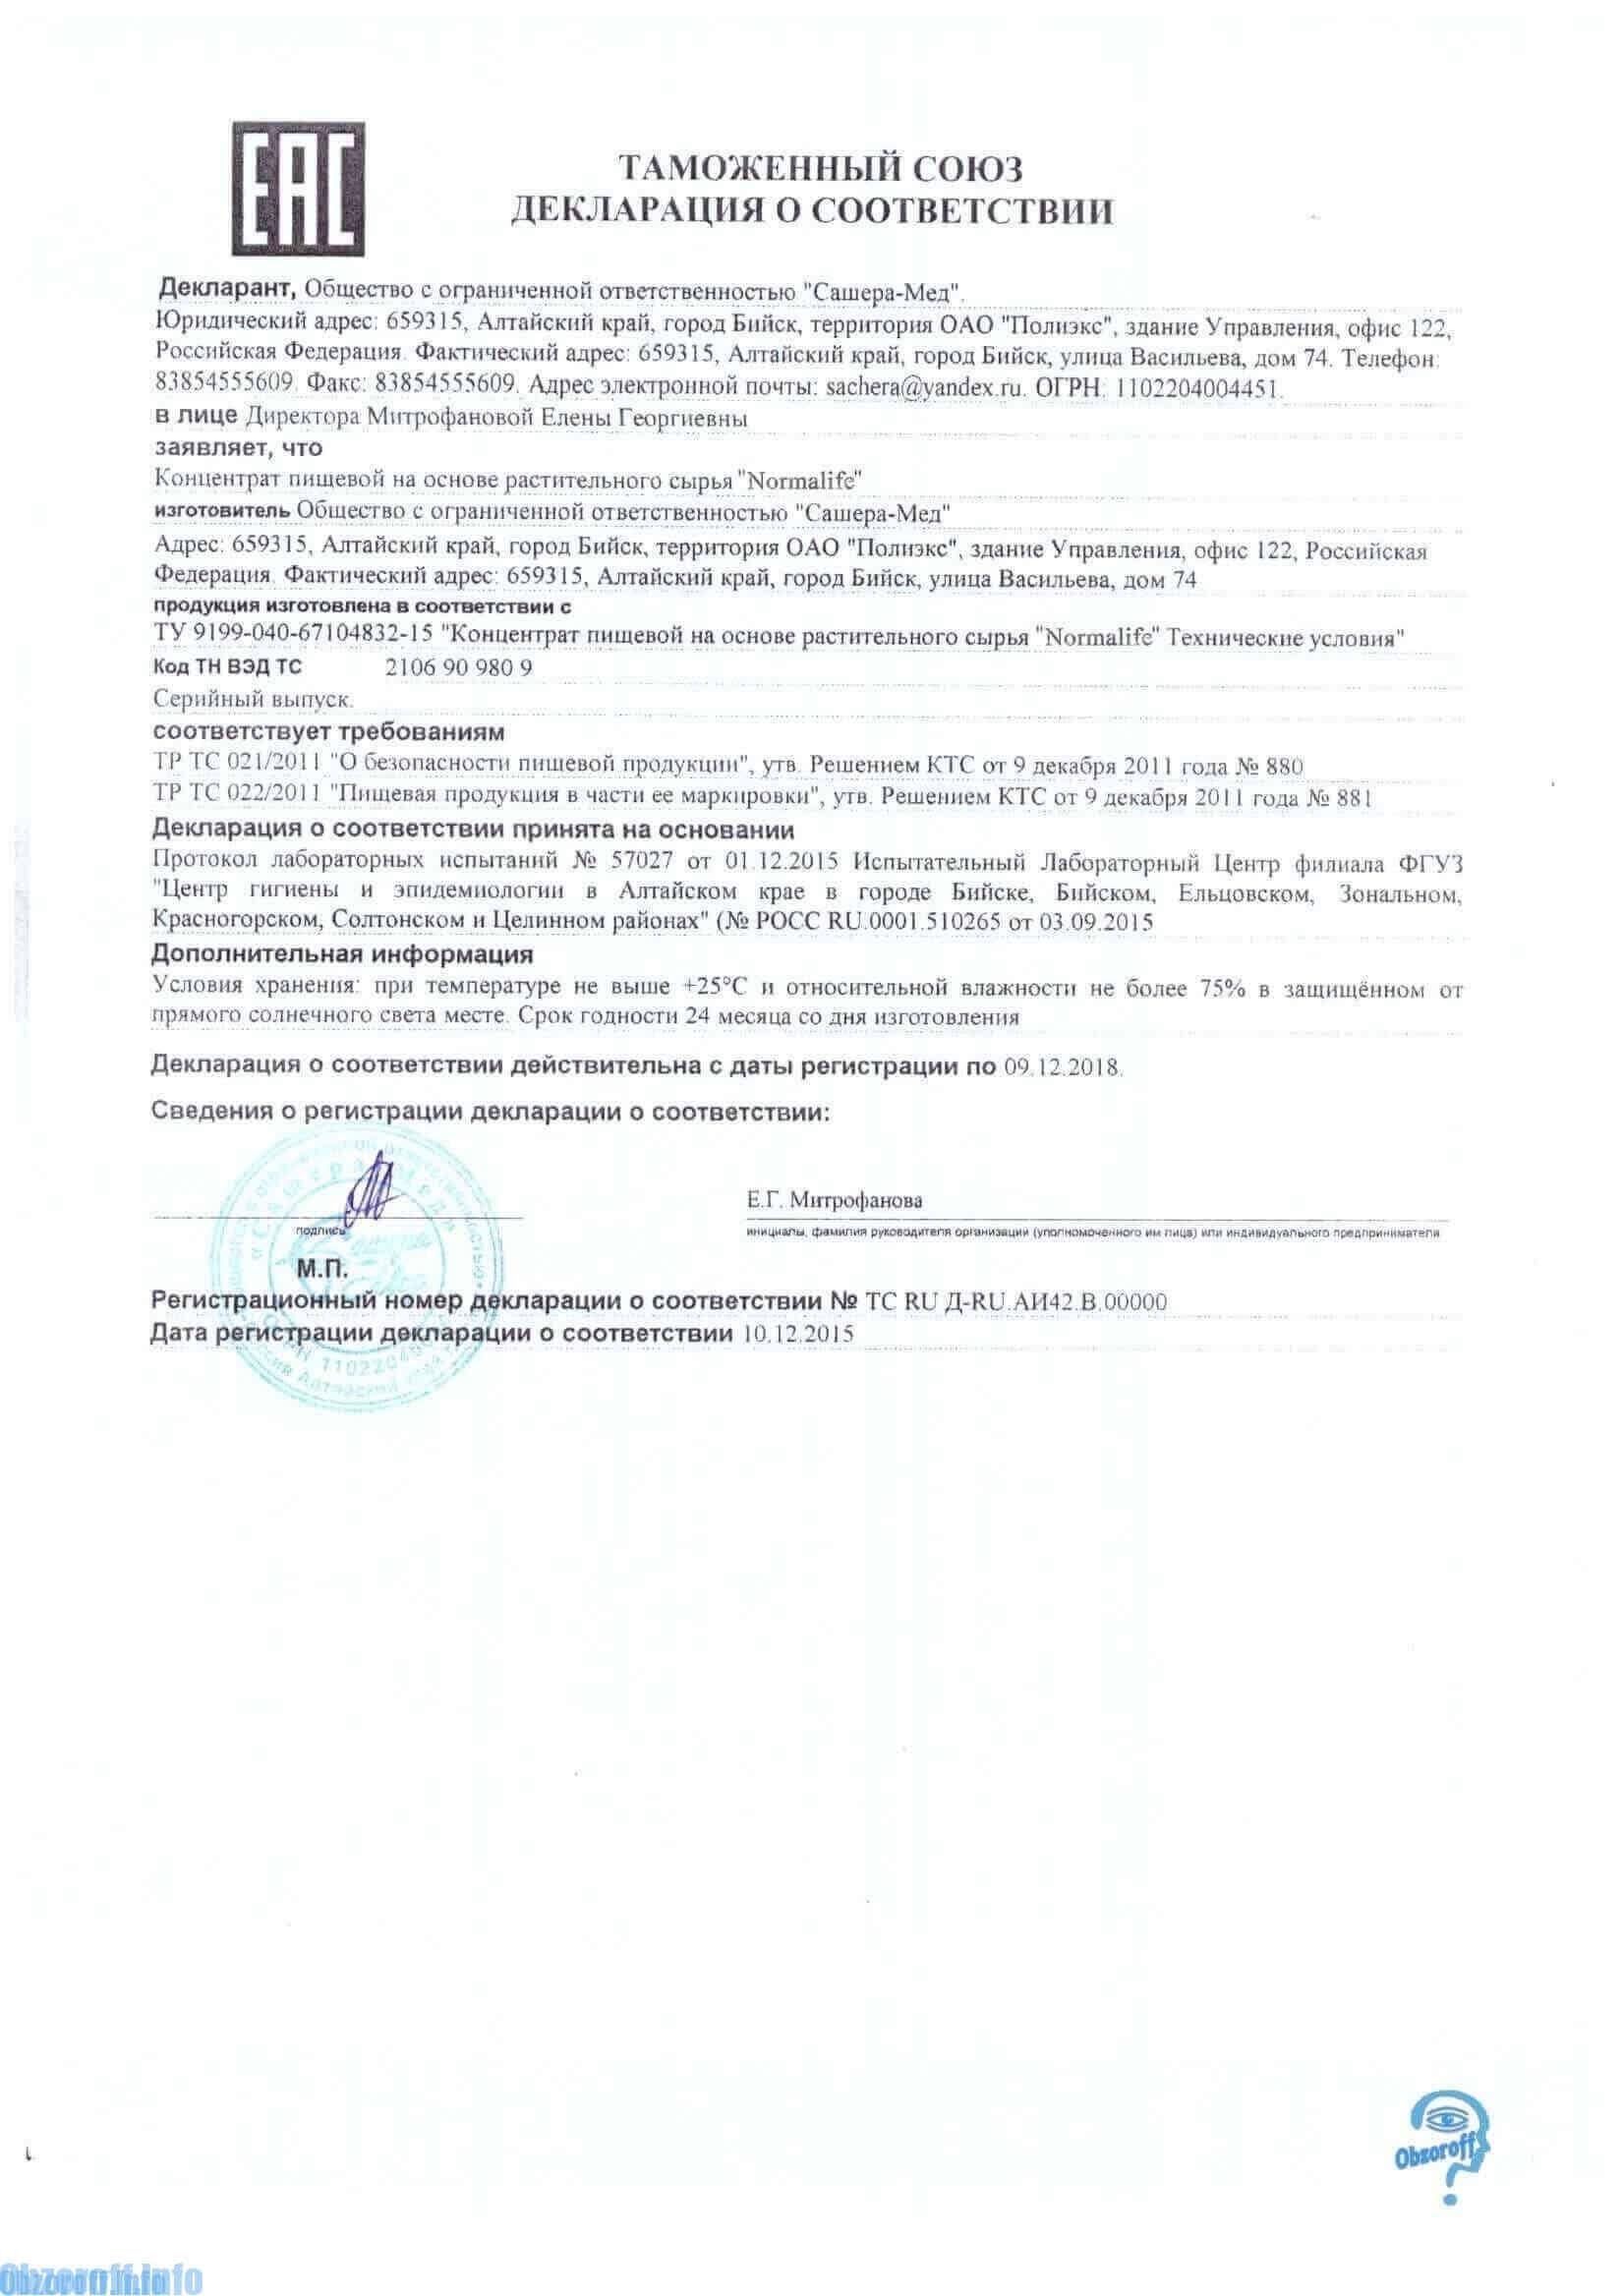 Narkotiku dokumentācija Normalife